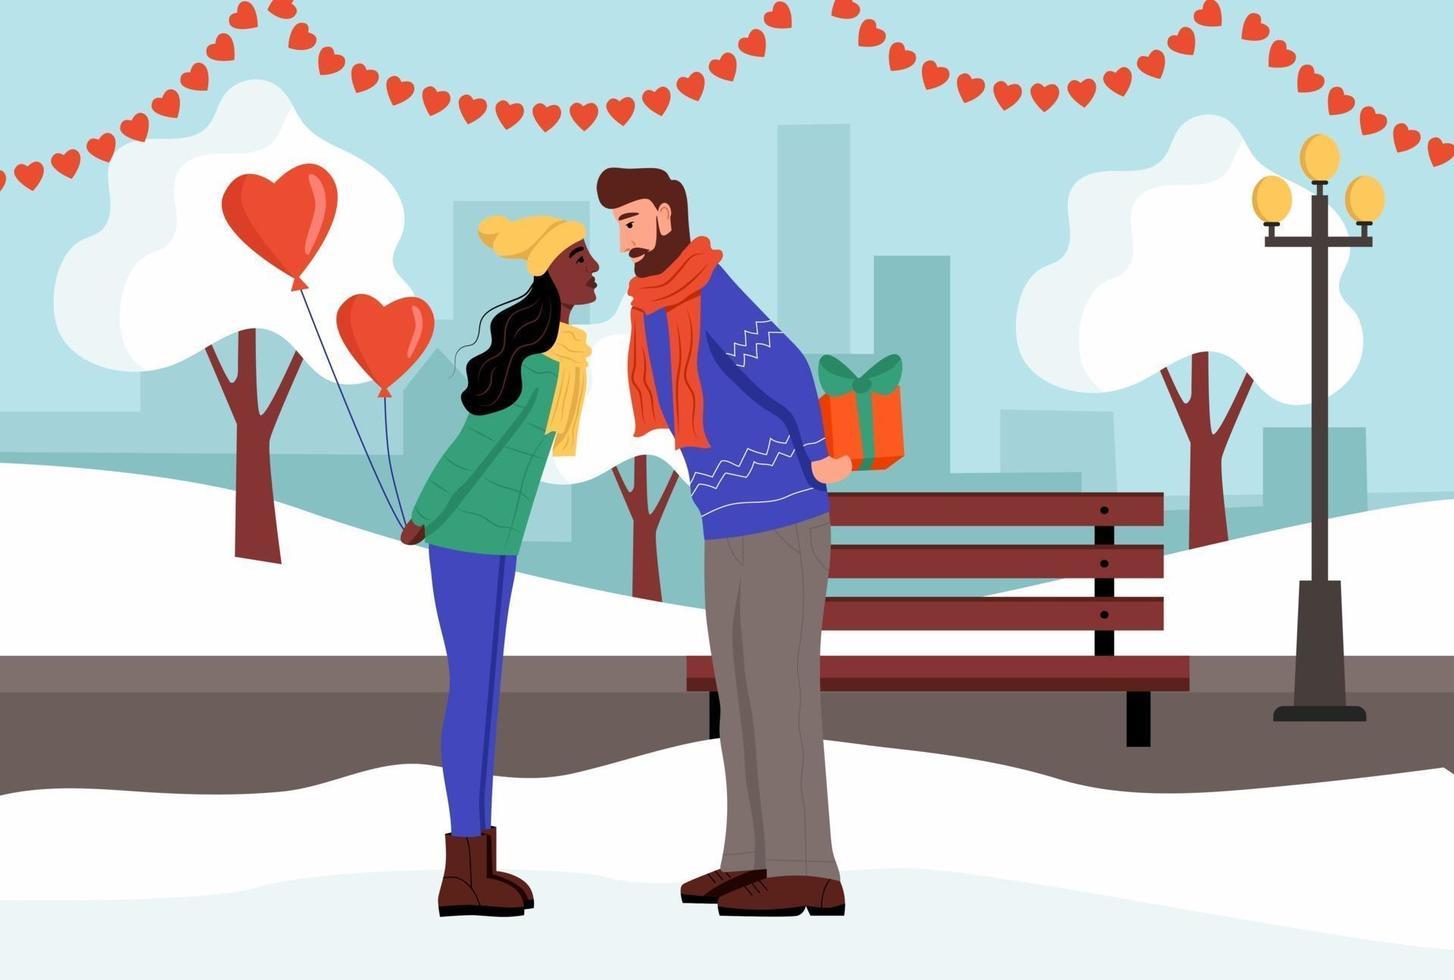 un couple échange des cadeaux et s'embrasse dans un parc d'hiver. un jeune homme et une femme célèbrent la Saint-Valentin. illustration vectorielle plane. vecteur